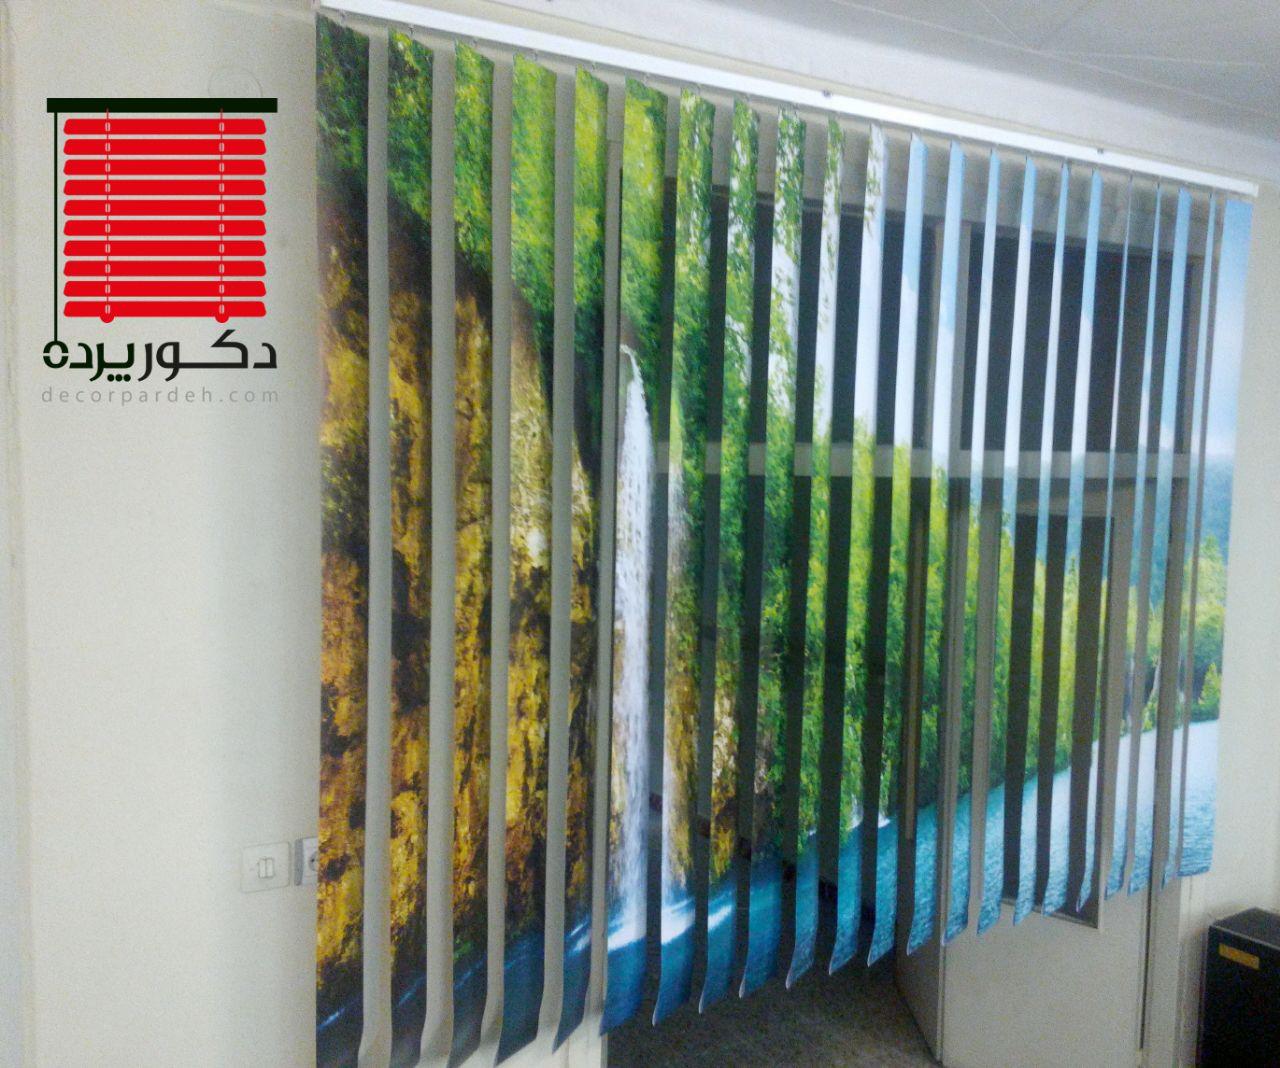 لوردراپه تصویری نوعی پرده عمودی میباشد که قابلیت چاپ تصاویری سفارشی مشتری بر روی لوردراپه میباشد